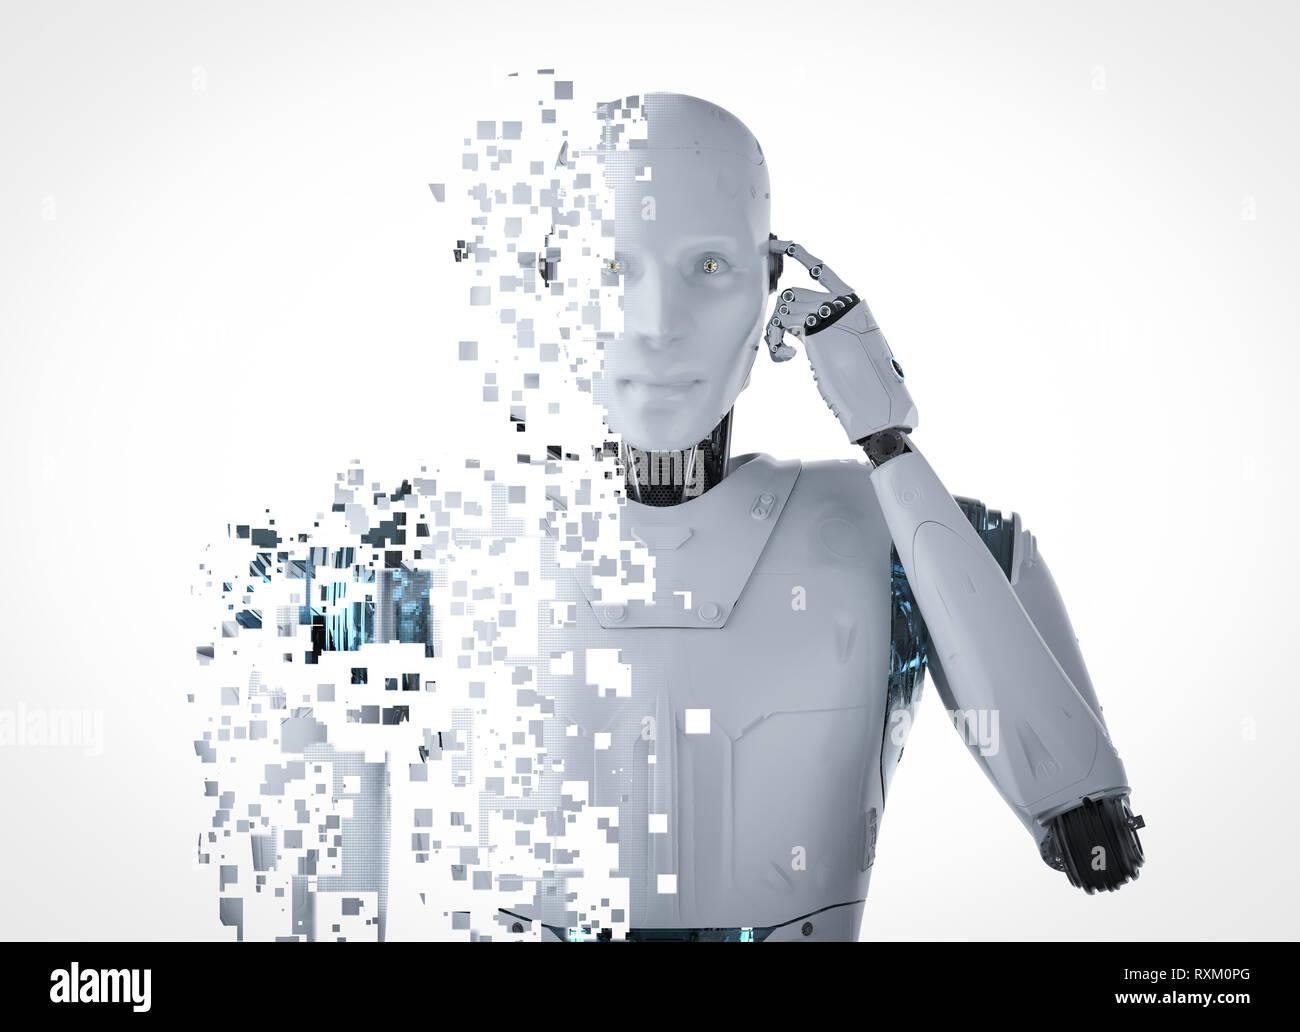 Ai rendu 3d'explosion du robot avec effet pixélisé Photo Stock